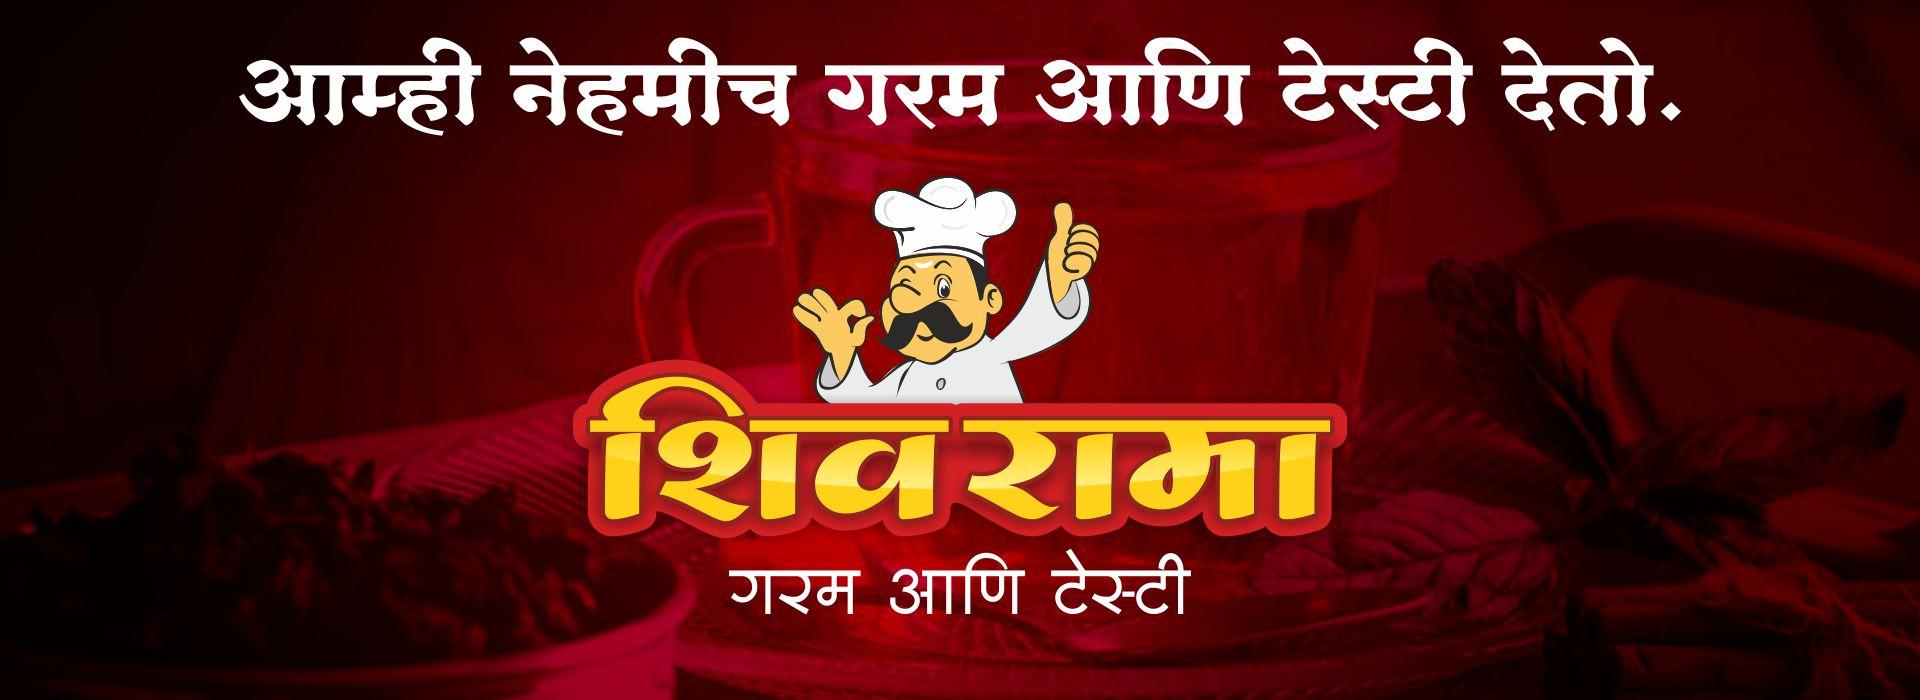 Shivrama-nashta-center-best-kadak-tea-in-aurangabad